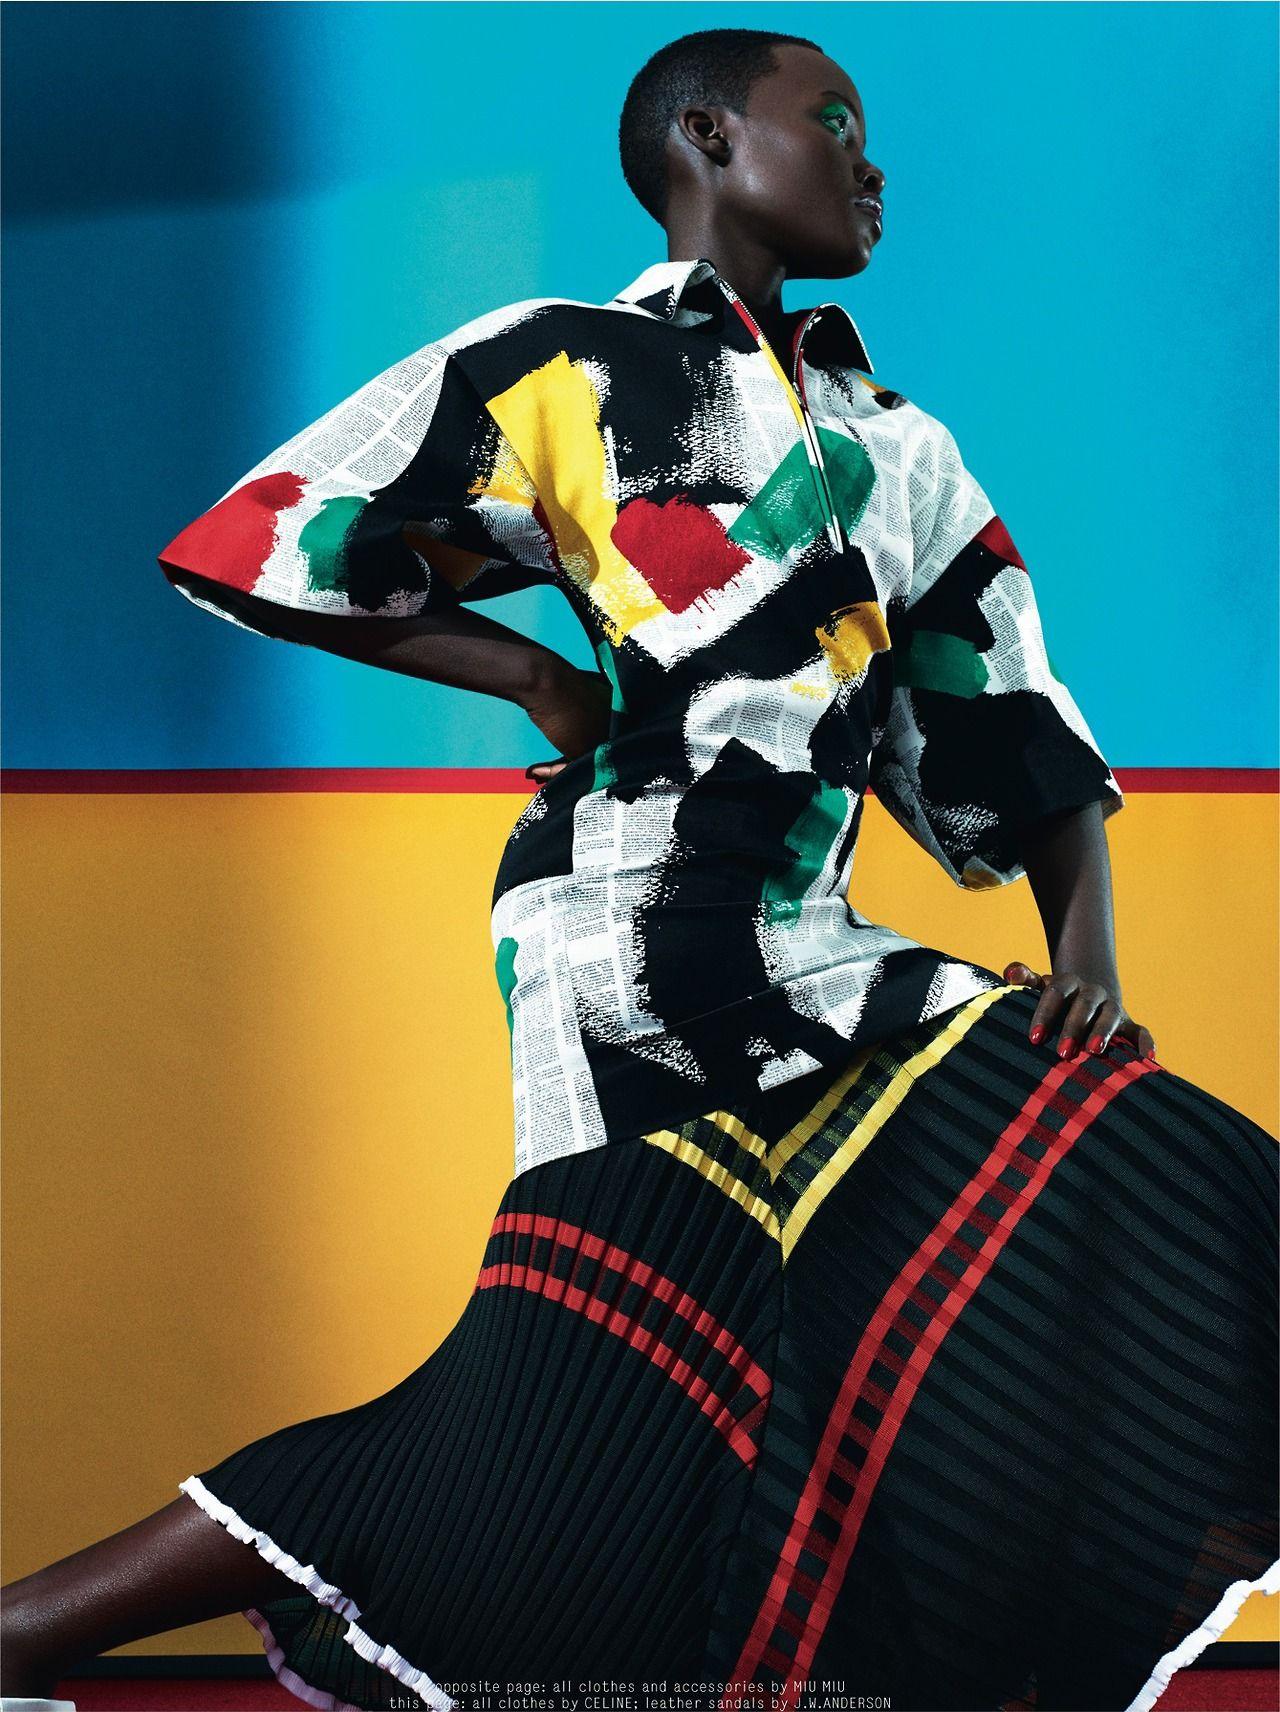 Lupita Nyong'o by Sharif Hamza for Dazed & Confused, February 2014